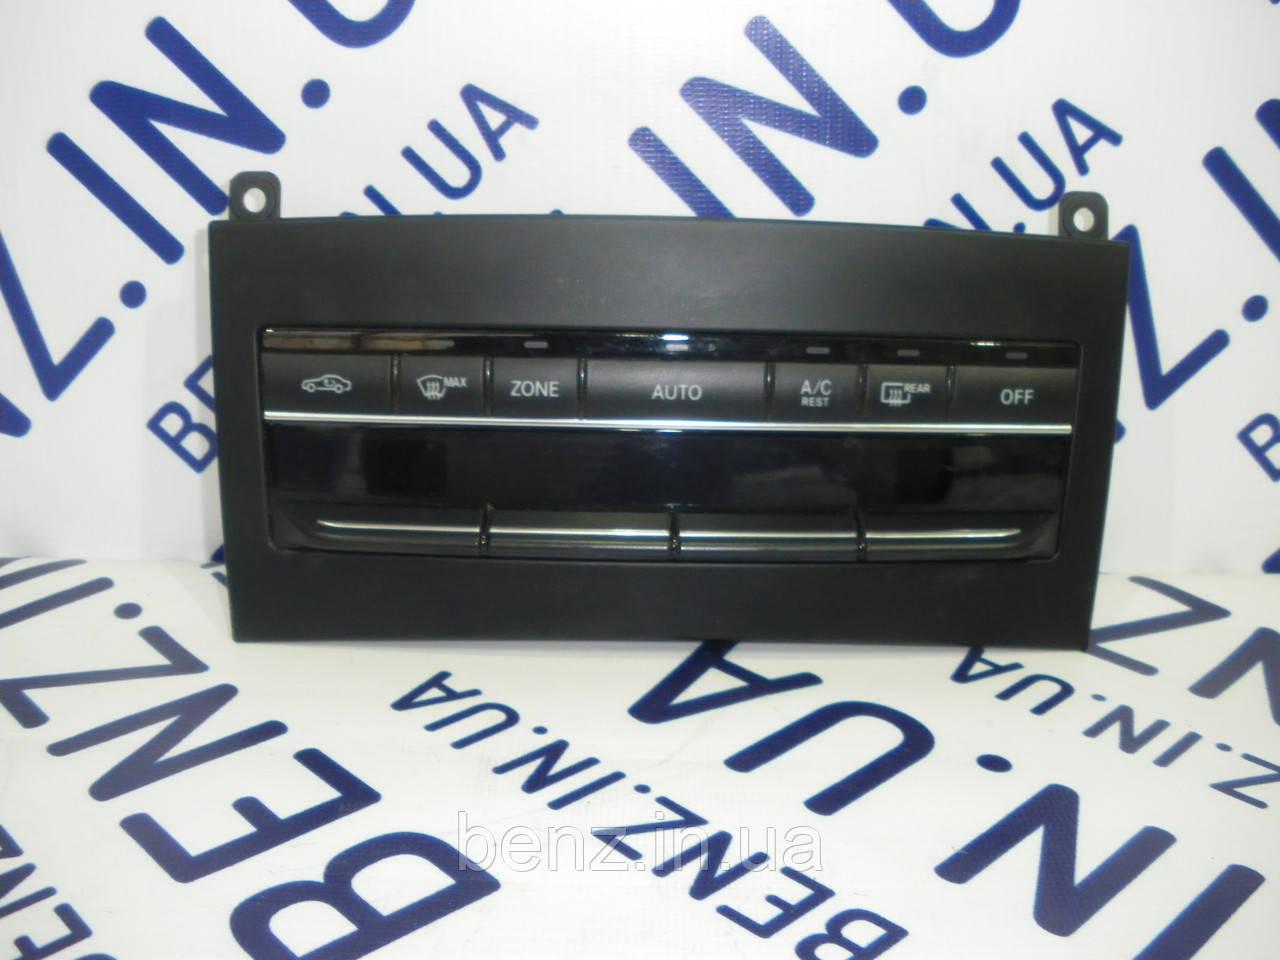 Блок управления климатической системой W212 рестайл A2129006627